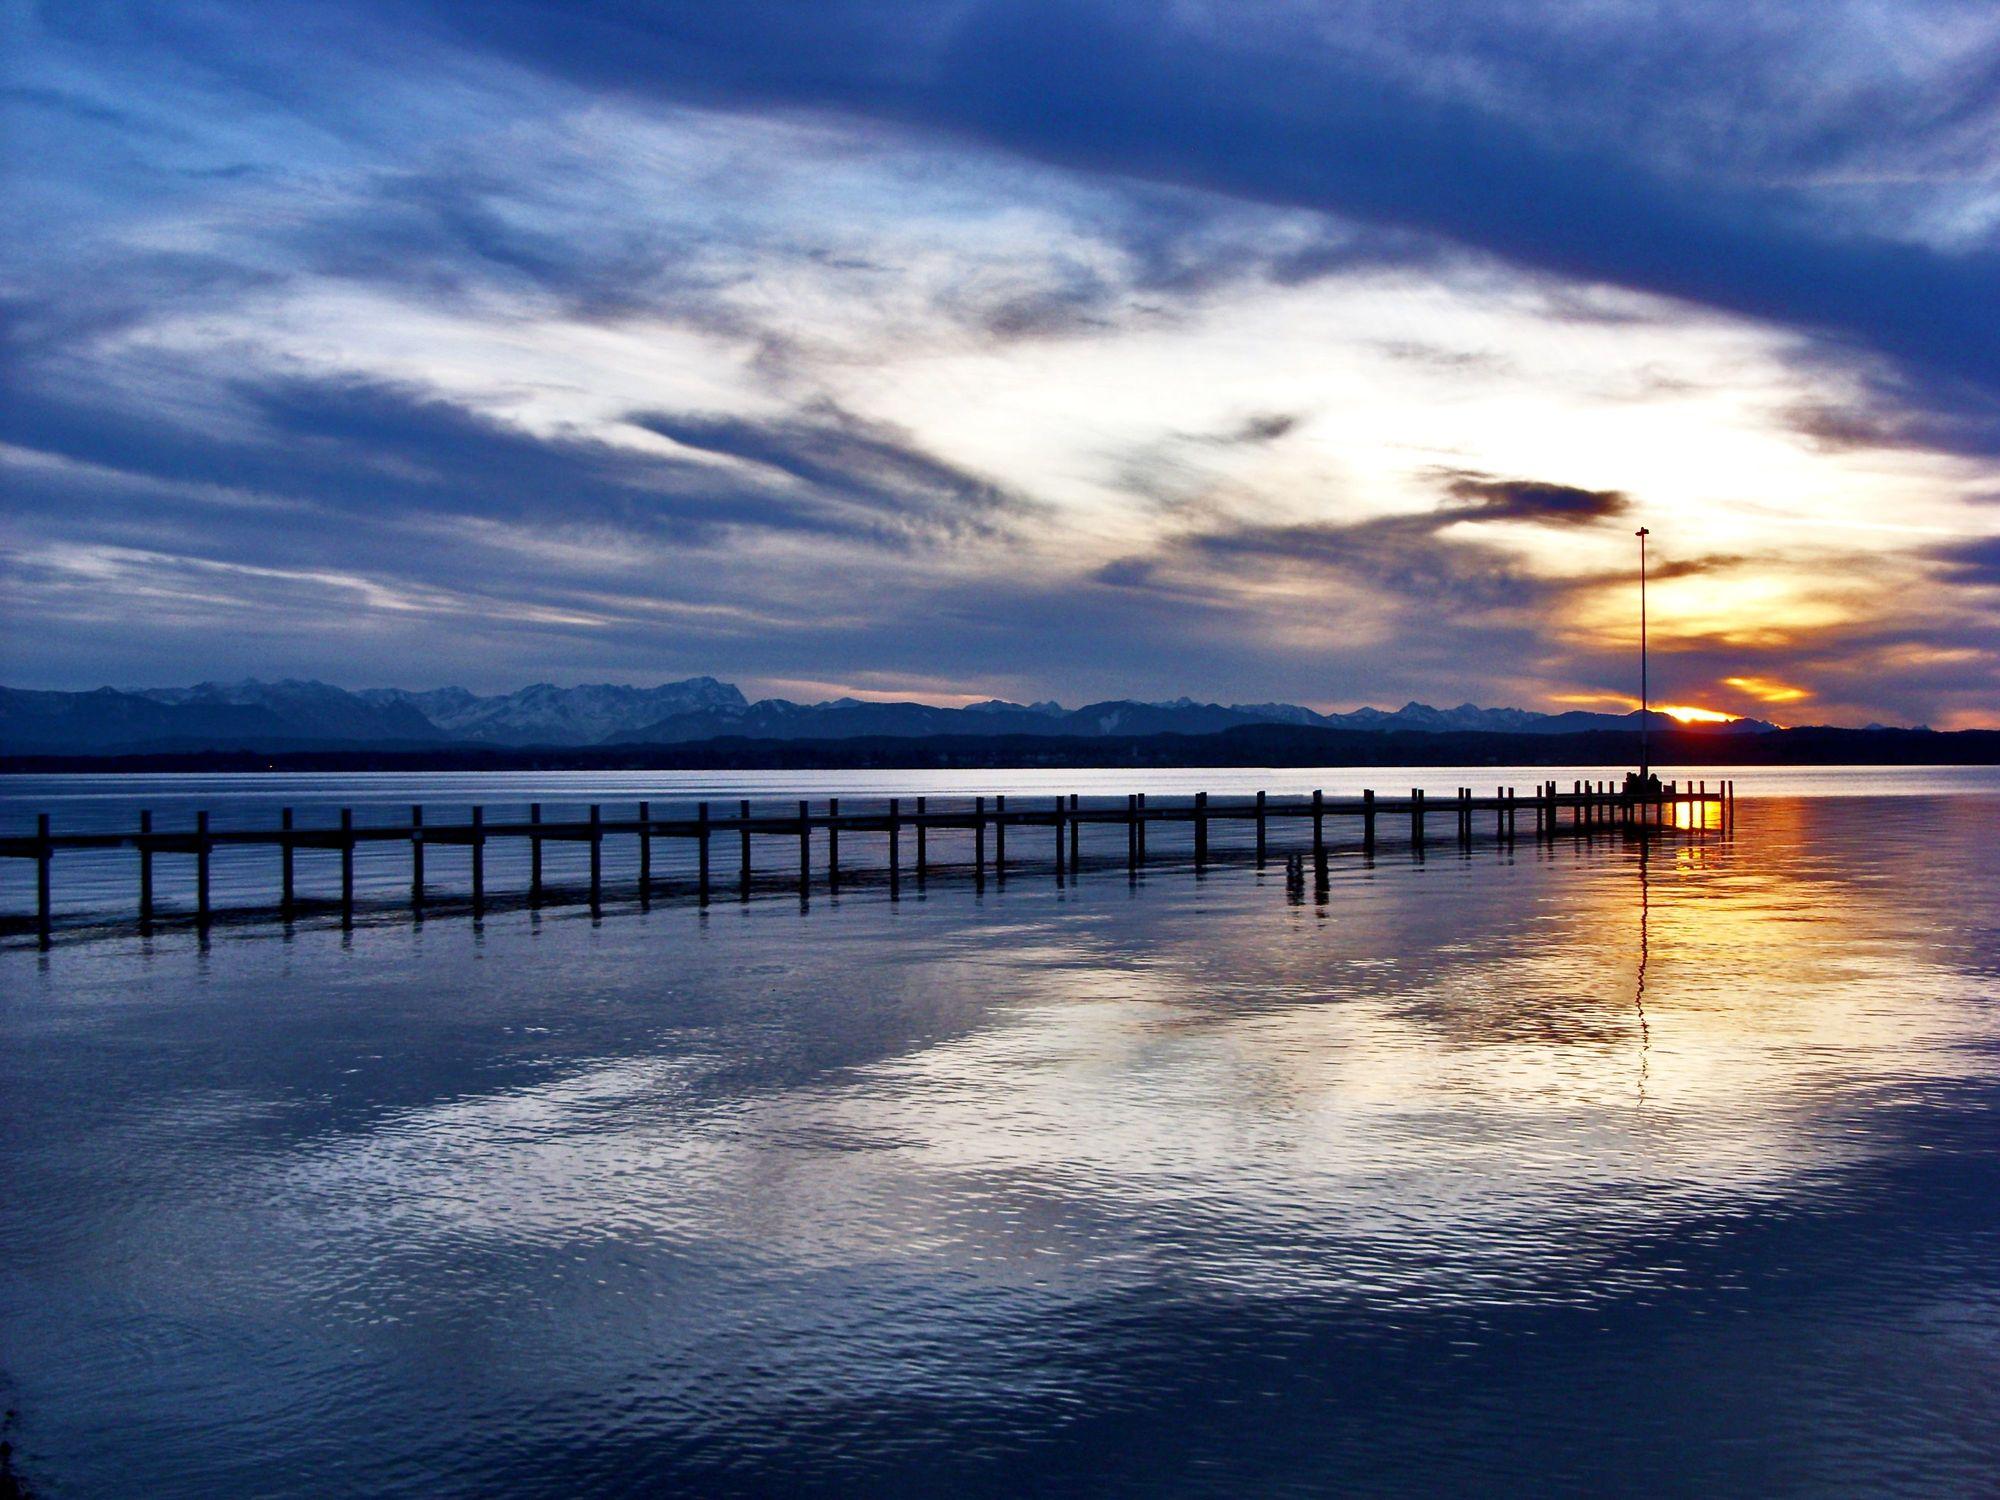 Bild mit Natur, Elemente, Wasser, Landschaften, Himmel, Wolken, Gewässer, Küsten und Ufer, Meere, Strände, Horizont, Brandung, Wellen, Sonnenuntergang, Architektur, Blau, Dämmerung, Industrie, Häfen